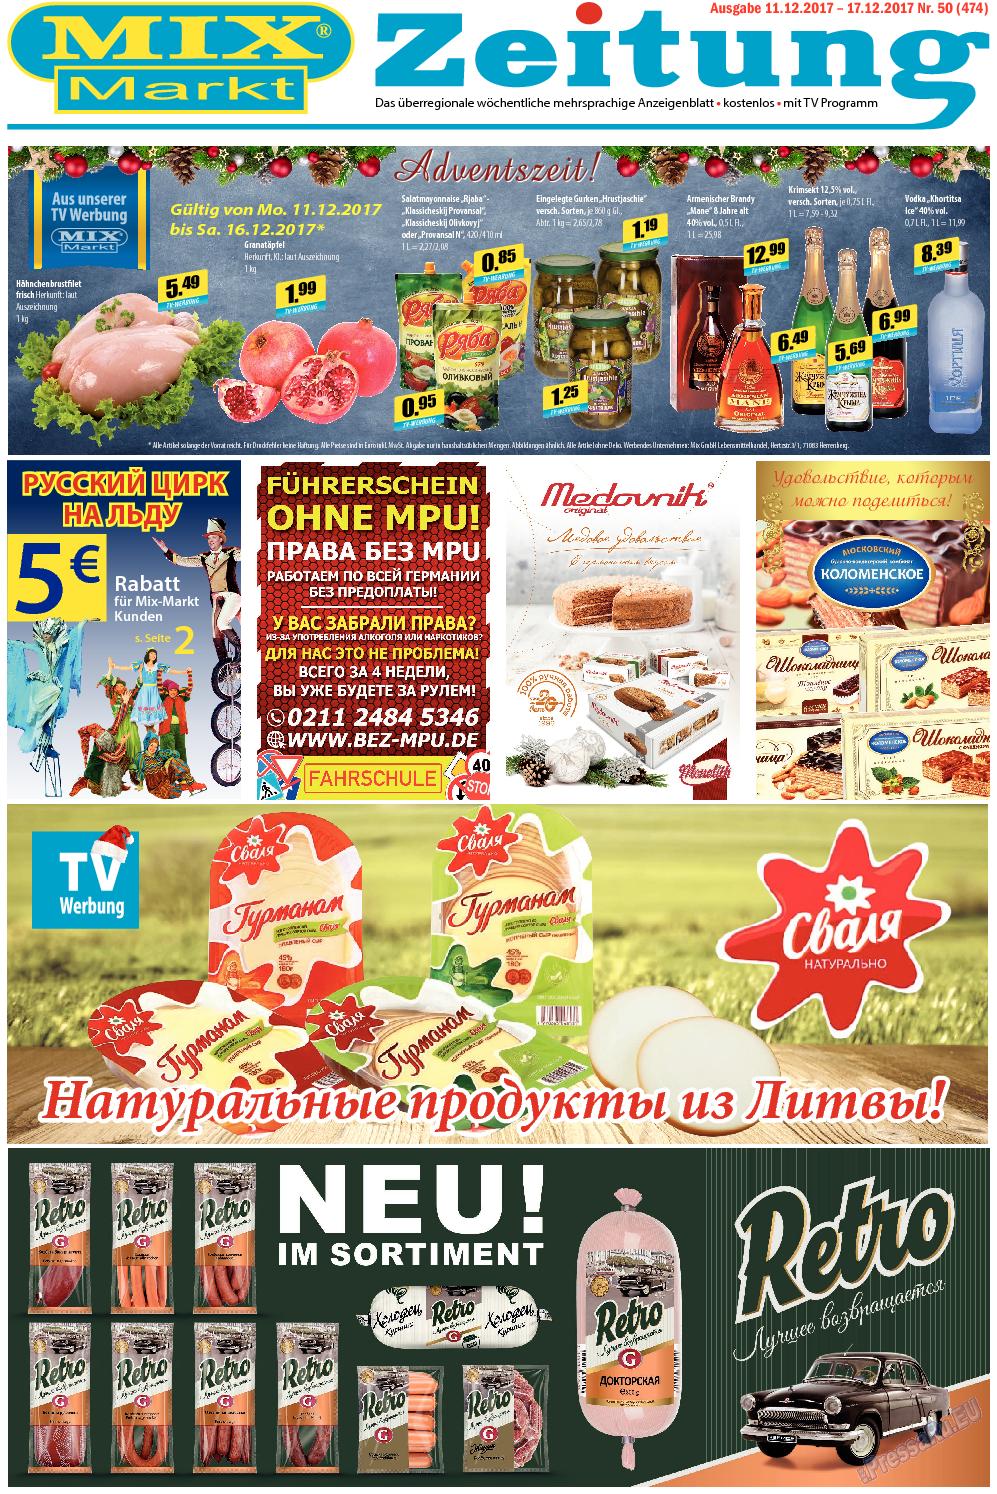 MIX-Markt Zeitung (газета). 2017 год, номер 50, стр. 1